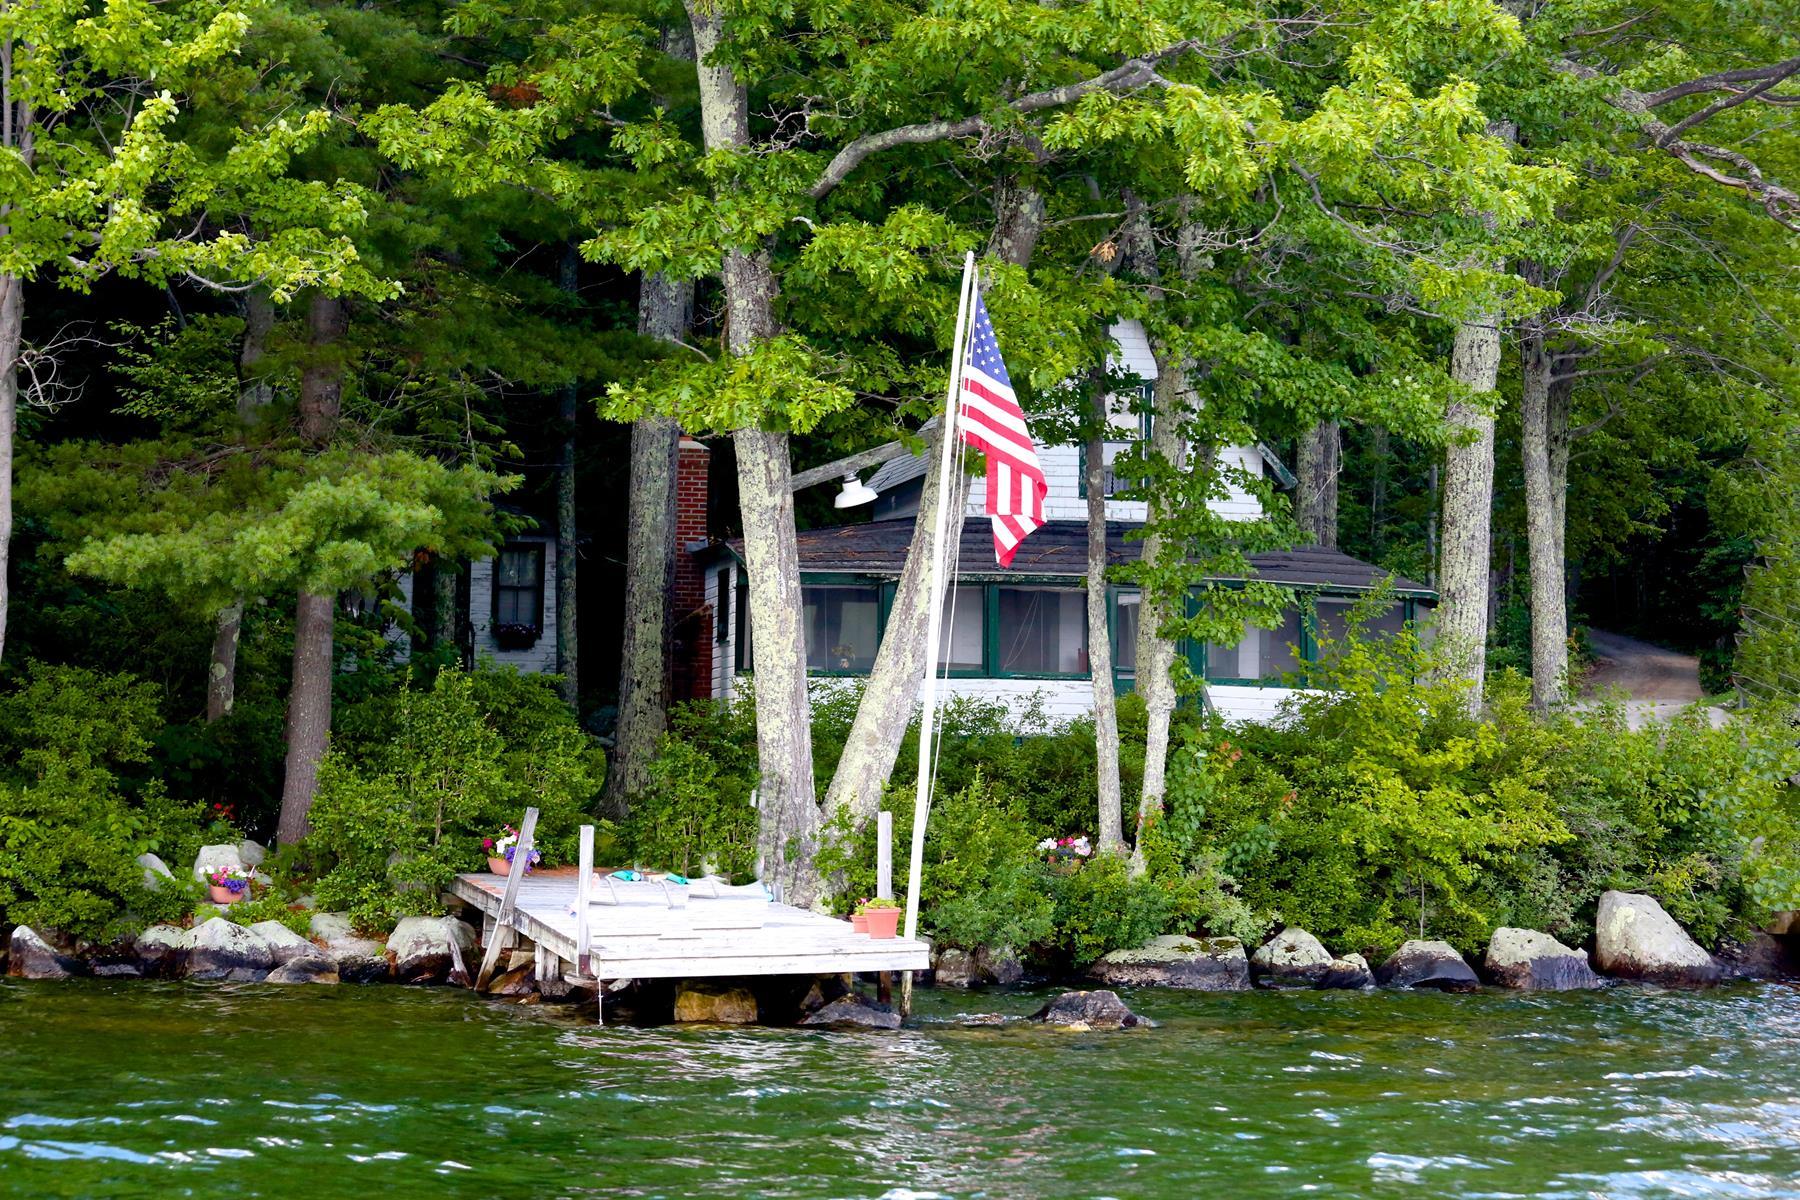 Частный односемейный дом для того Продажа на 97 Bay Point, Newbury 97 Bay Point Rd Newbury, Нью-Гэмпшир, 03255 Соединенные Штаты